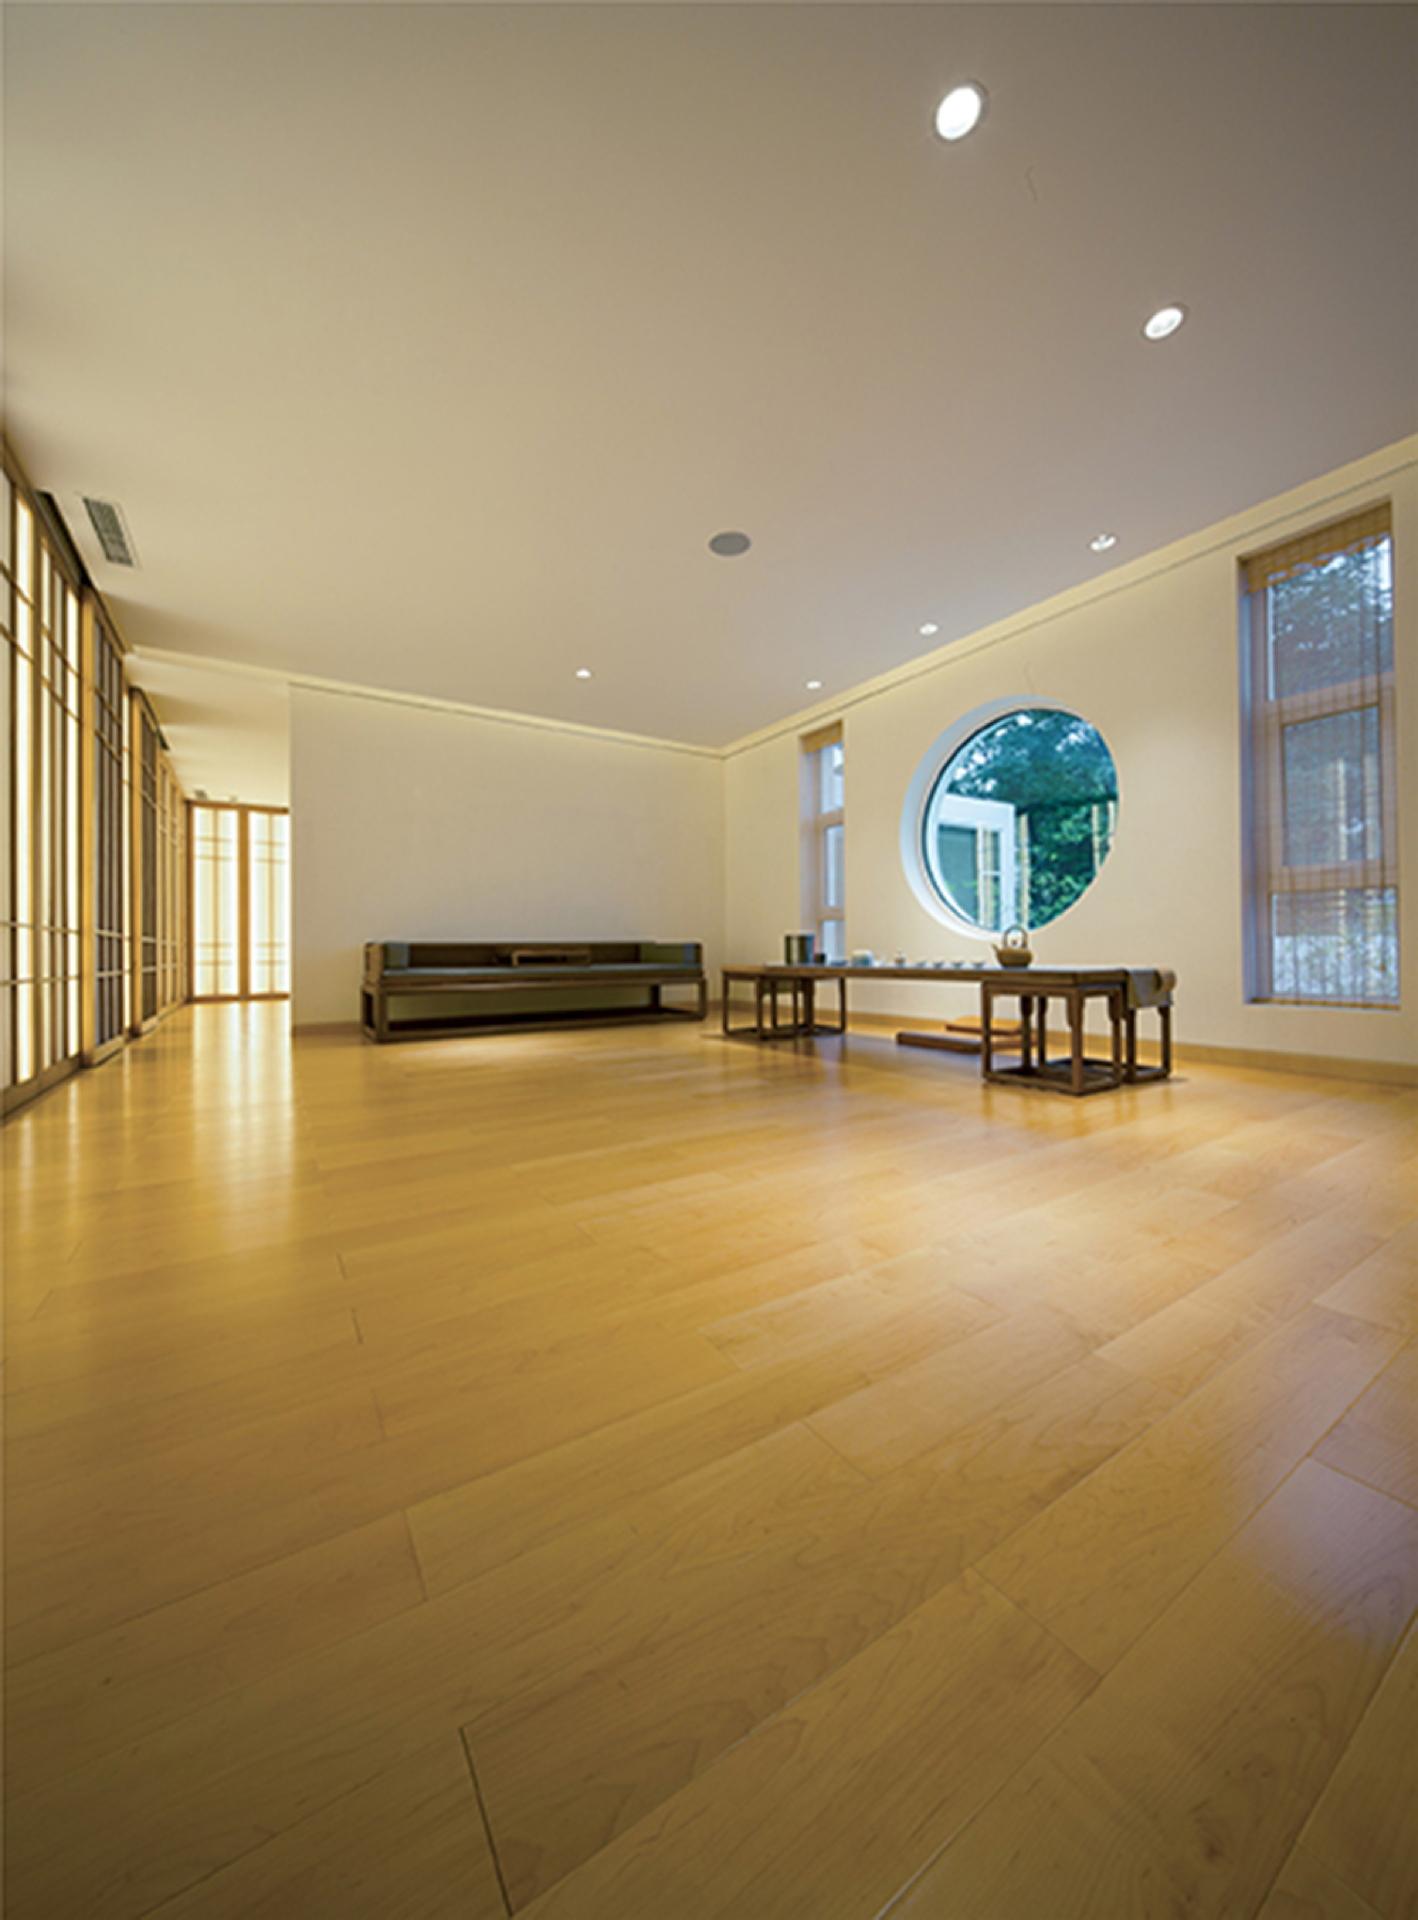 He Wei: Zen & Tea Chamber in Beijing